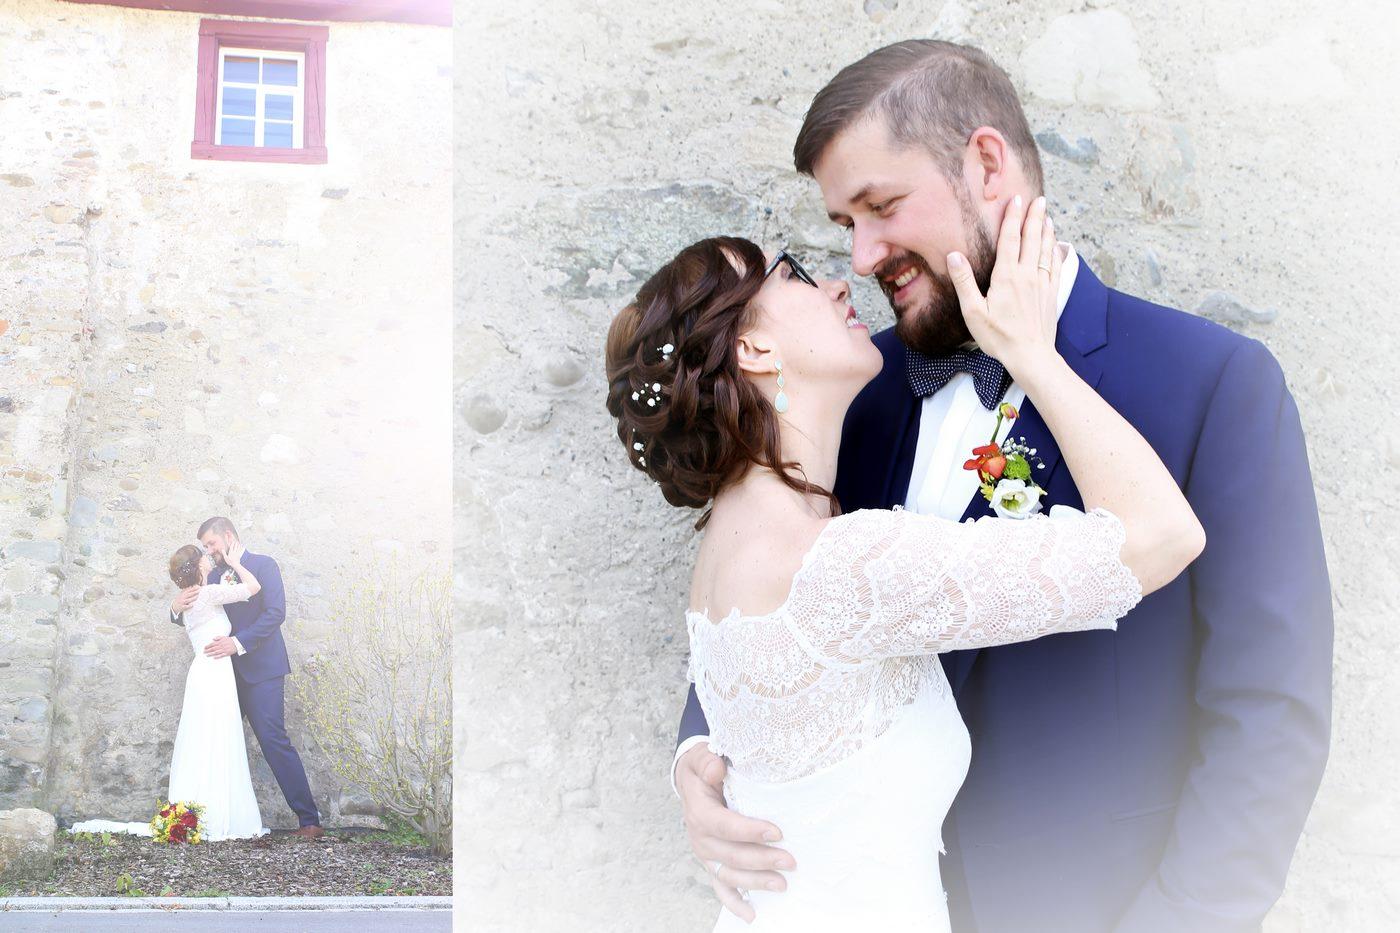 Sich liebendes Brautpaar